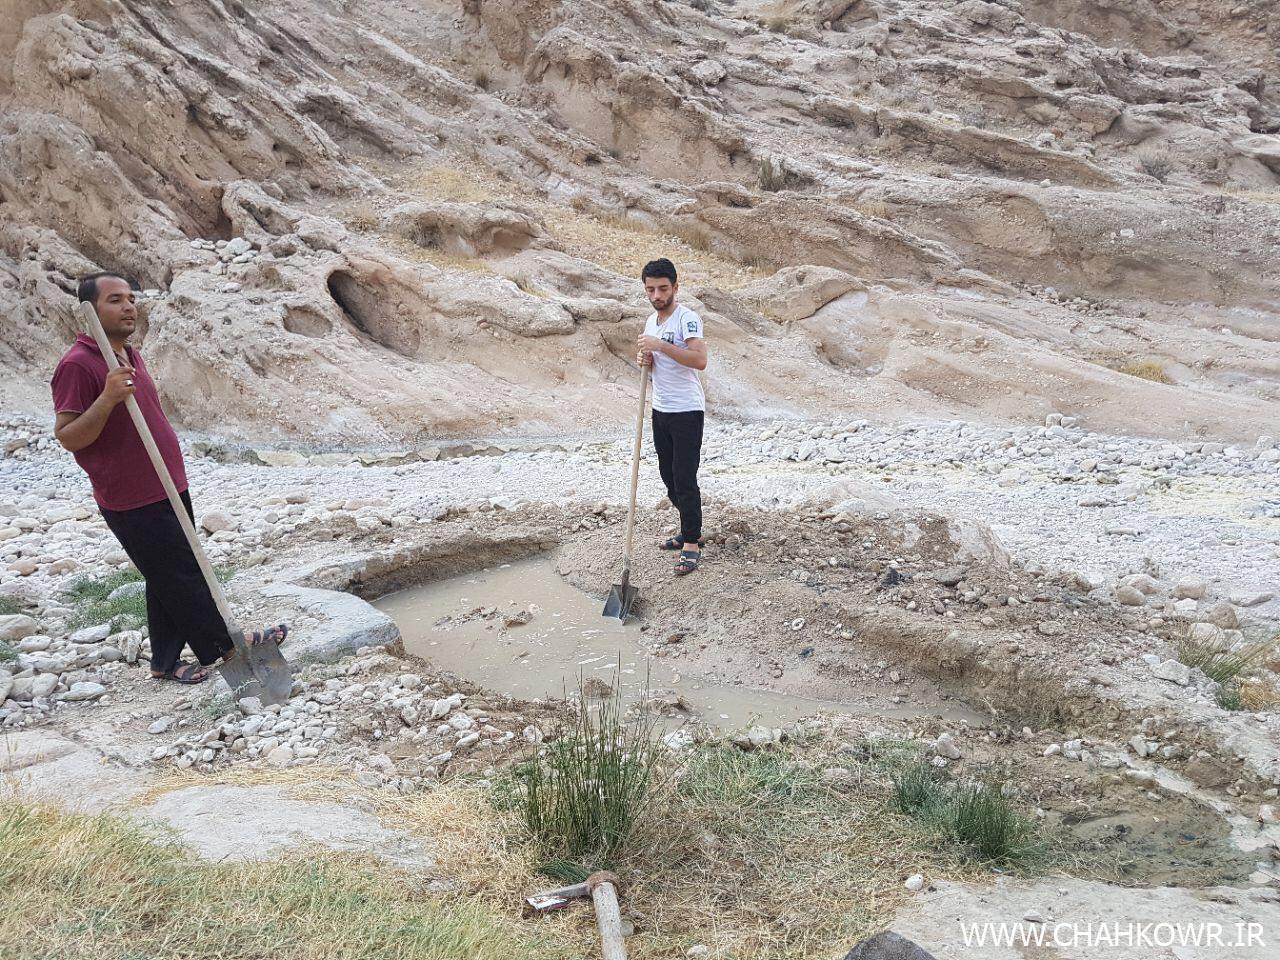 http://bayanbox.ir/view/6409519536853920952/Paksazi-Cheshmeh-Aab-Shirinoo-1.jpg